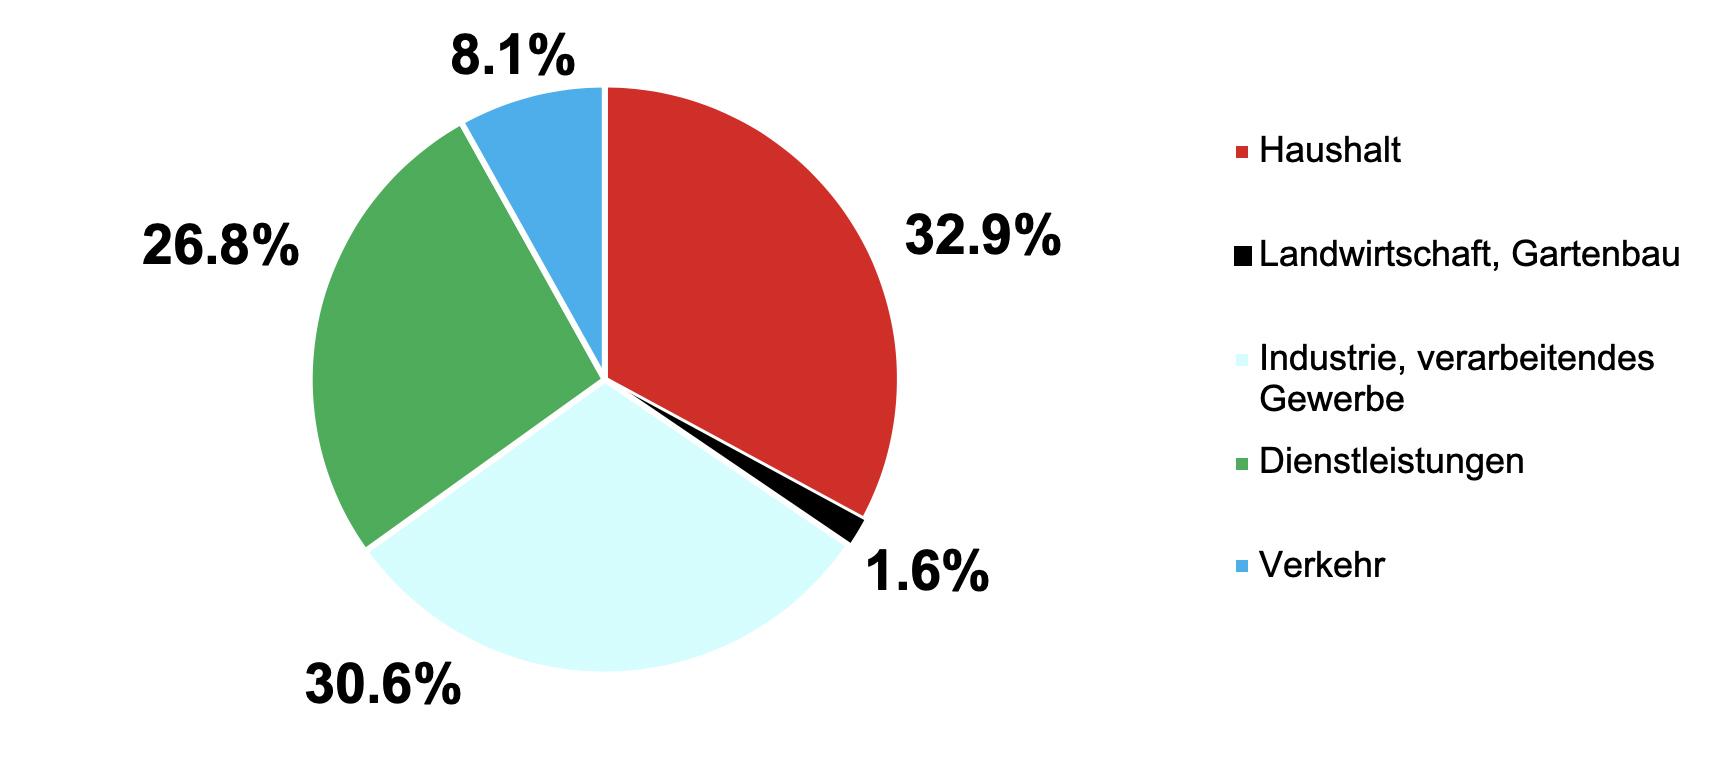 Stromverbrauch 2017 nach Kategorie. (Quelle: BFE: Schweizerische Elektrizitätsstatistik 2017)